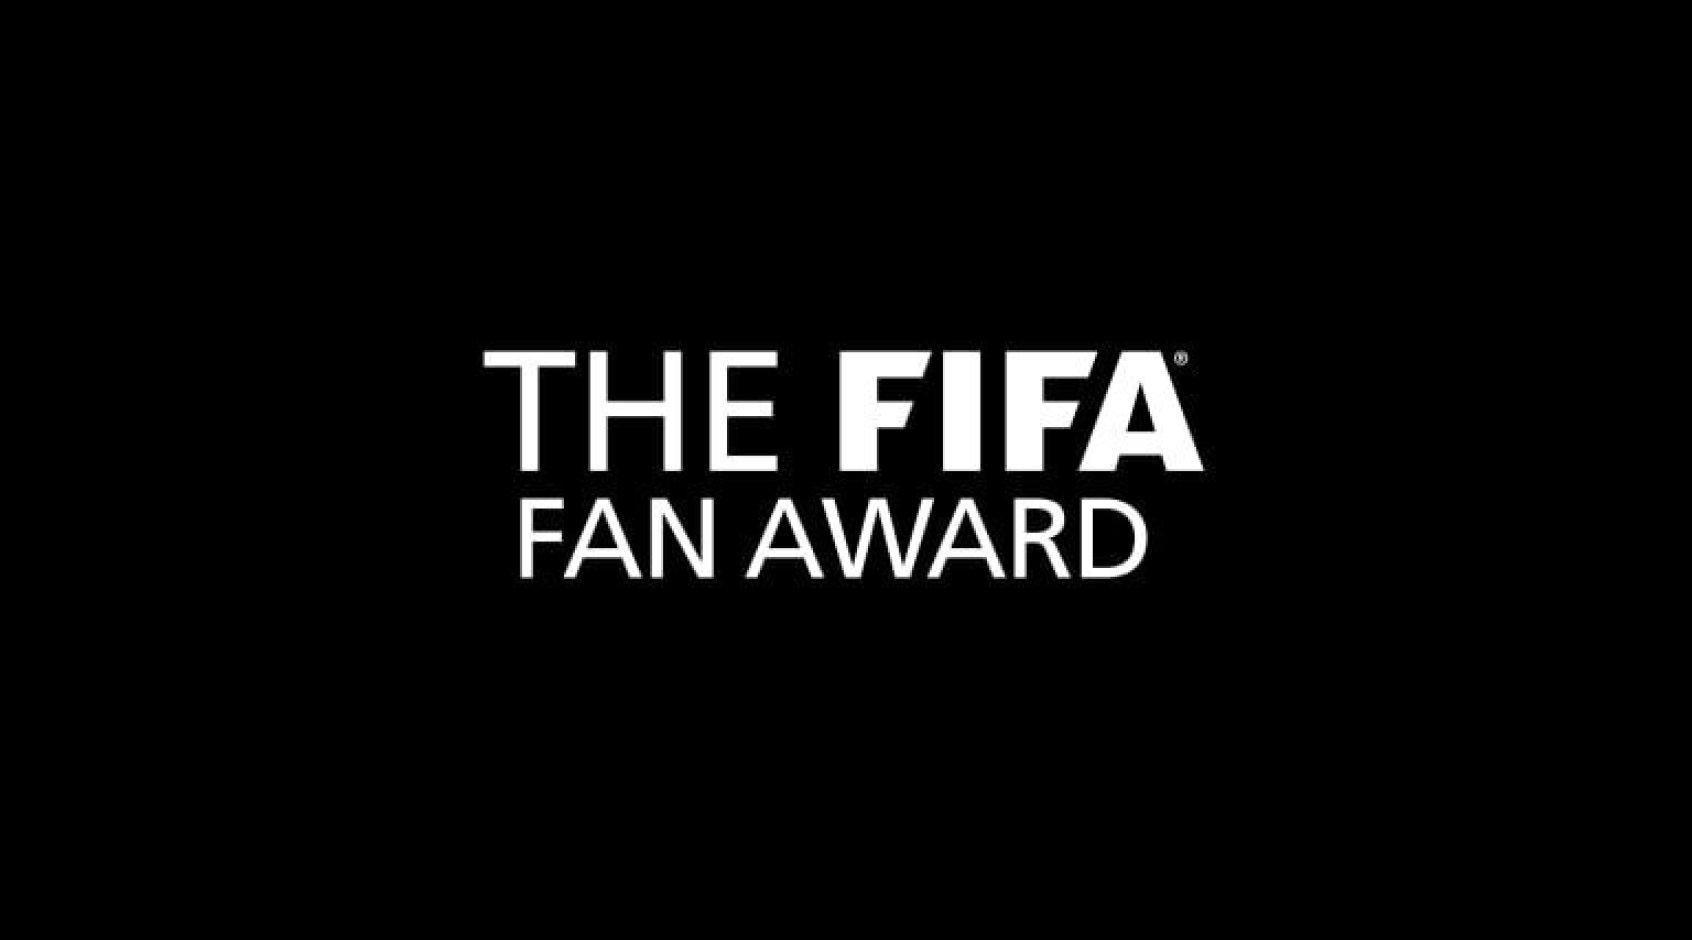 Сильвия Грекко из Бразилии – болельщик года по версии ФИФА